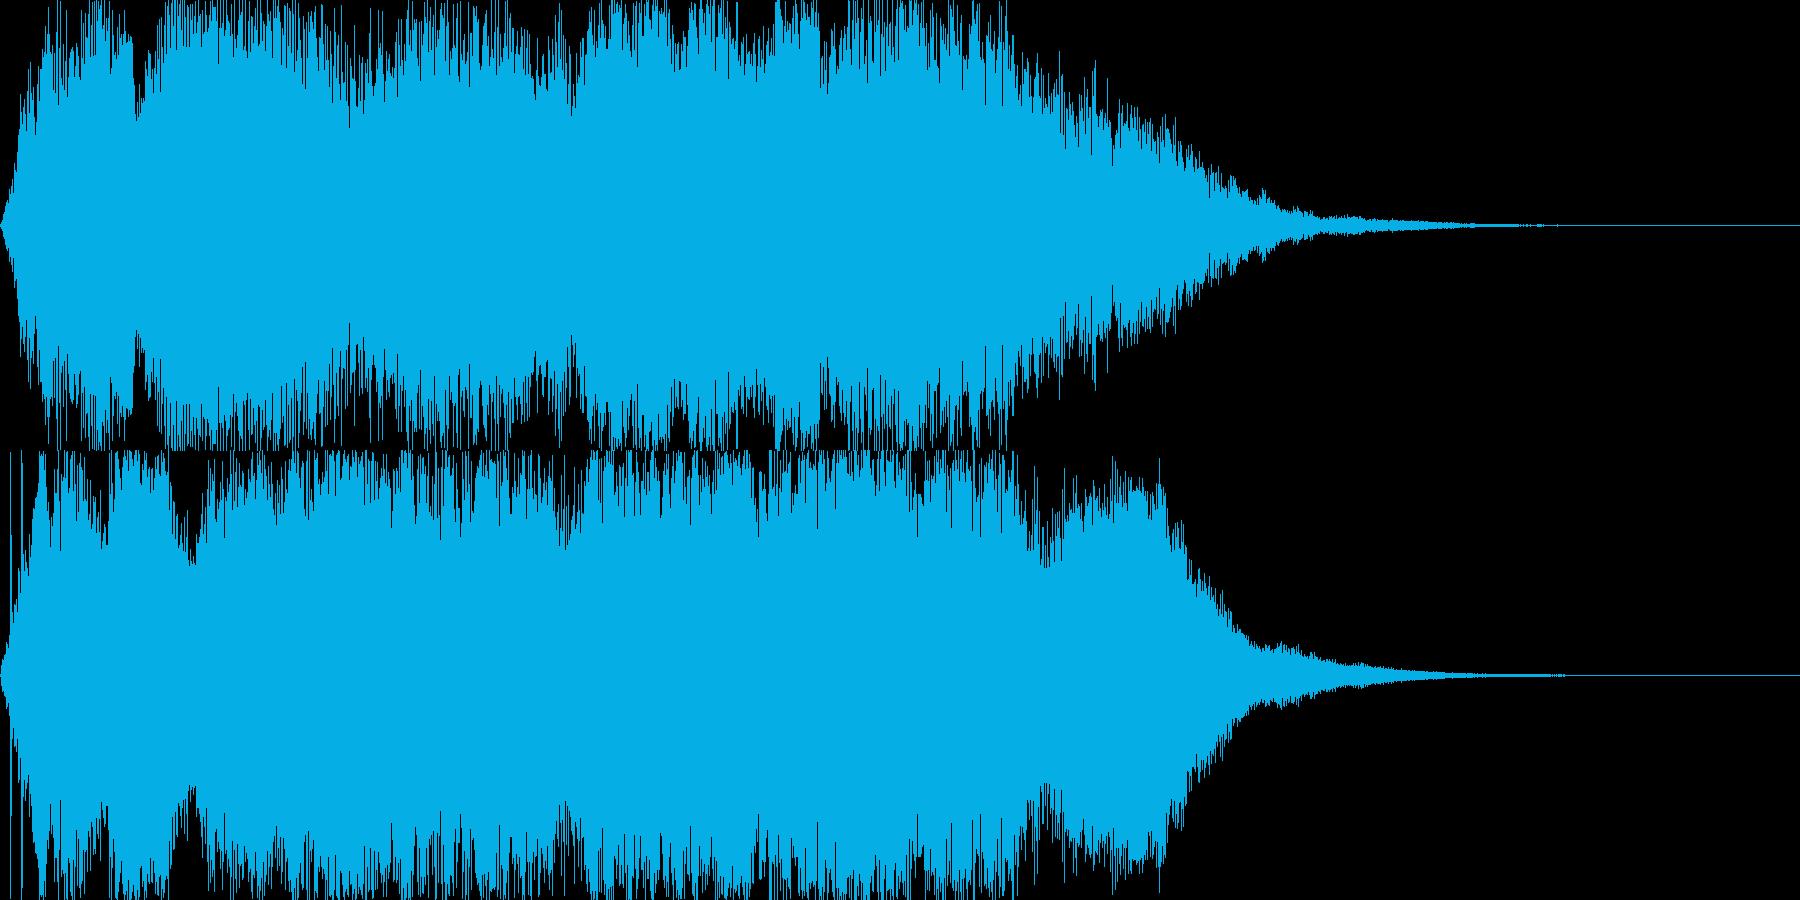 アンビエント サスペンス 感情的 ...の再生済みの波形